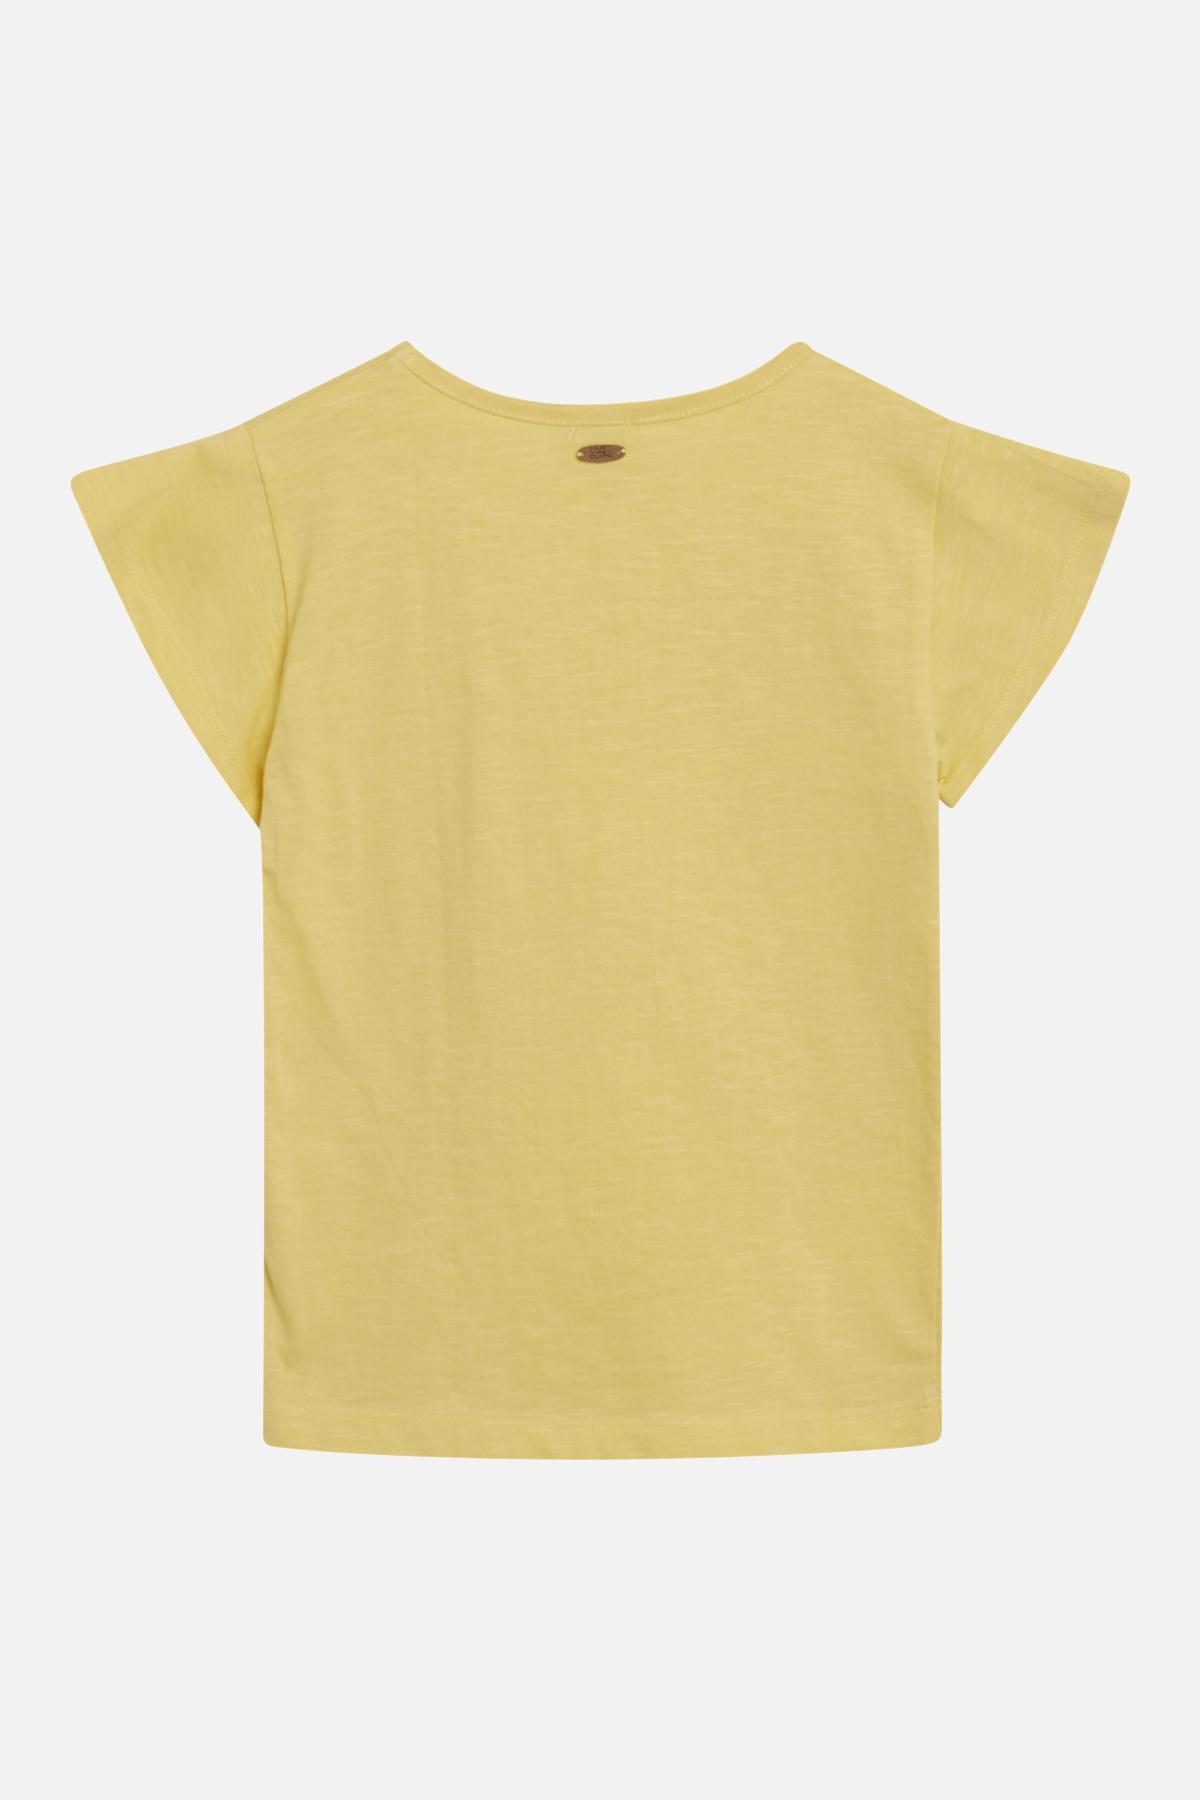 Hust & Claire Aiko t-shirt, citron, 110